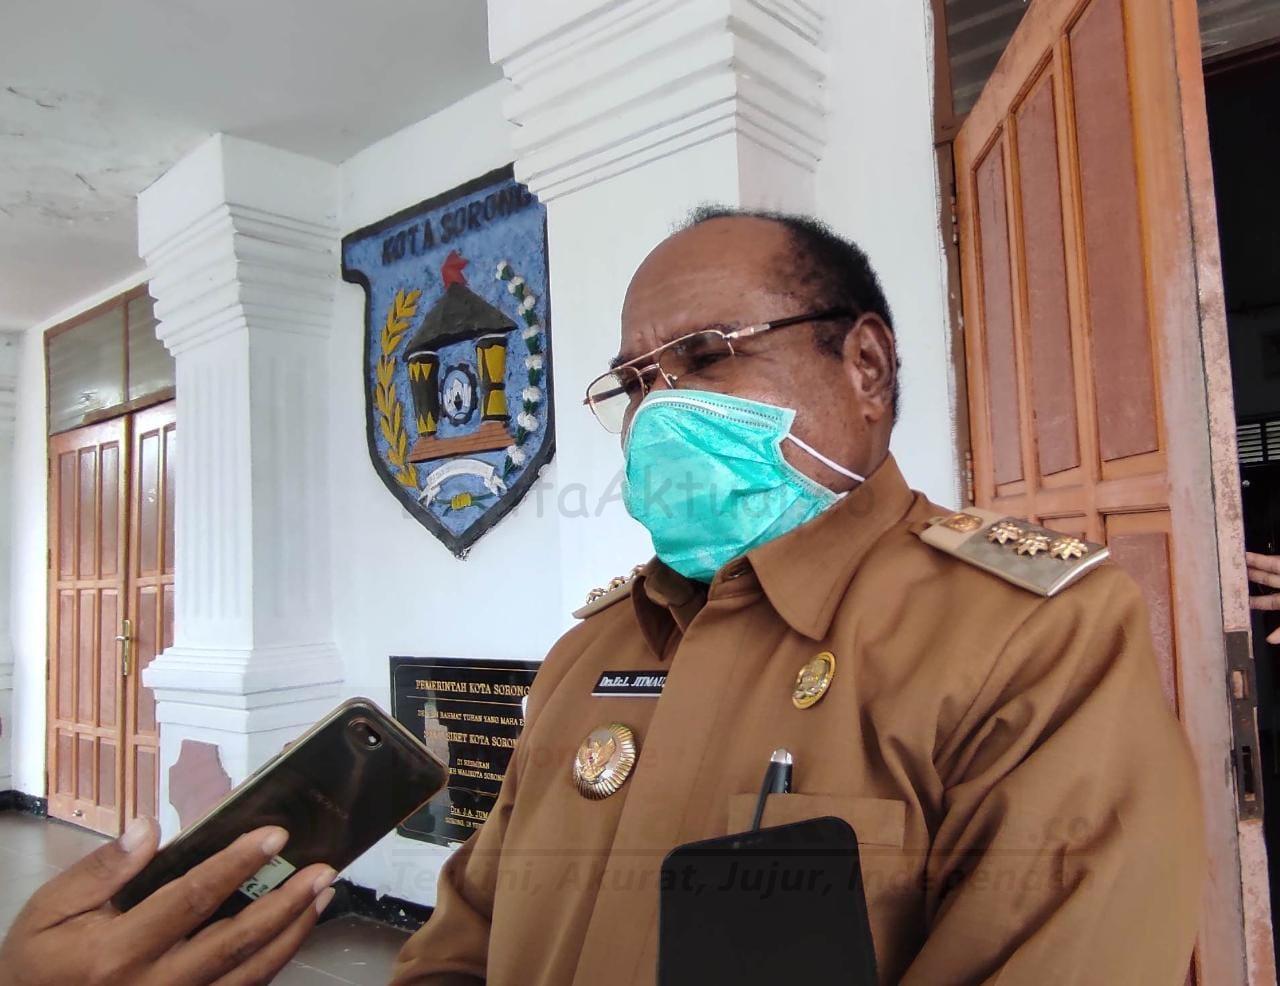 Bandara DEO Dan Pelabuhan Ditutup, Walikota Sorong: Itu Tidak Benar 4 IMG 20200908 WA0032